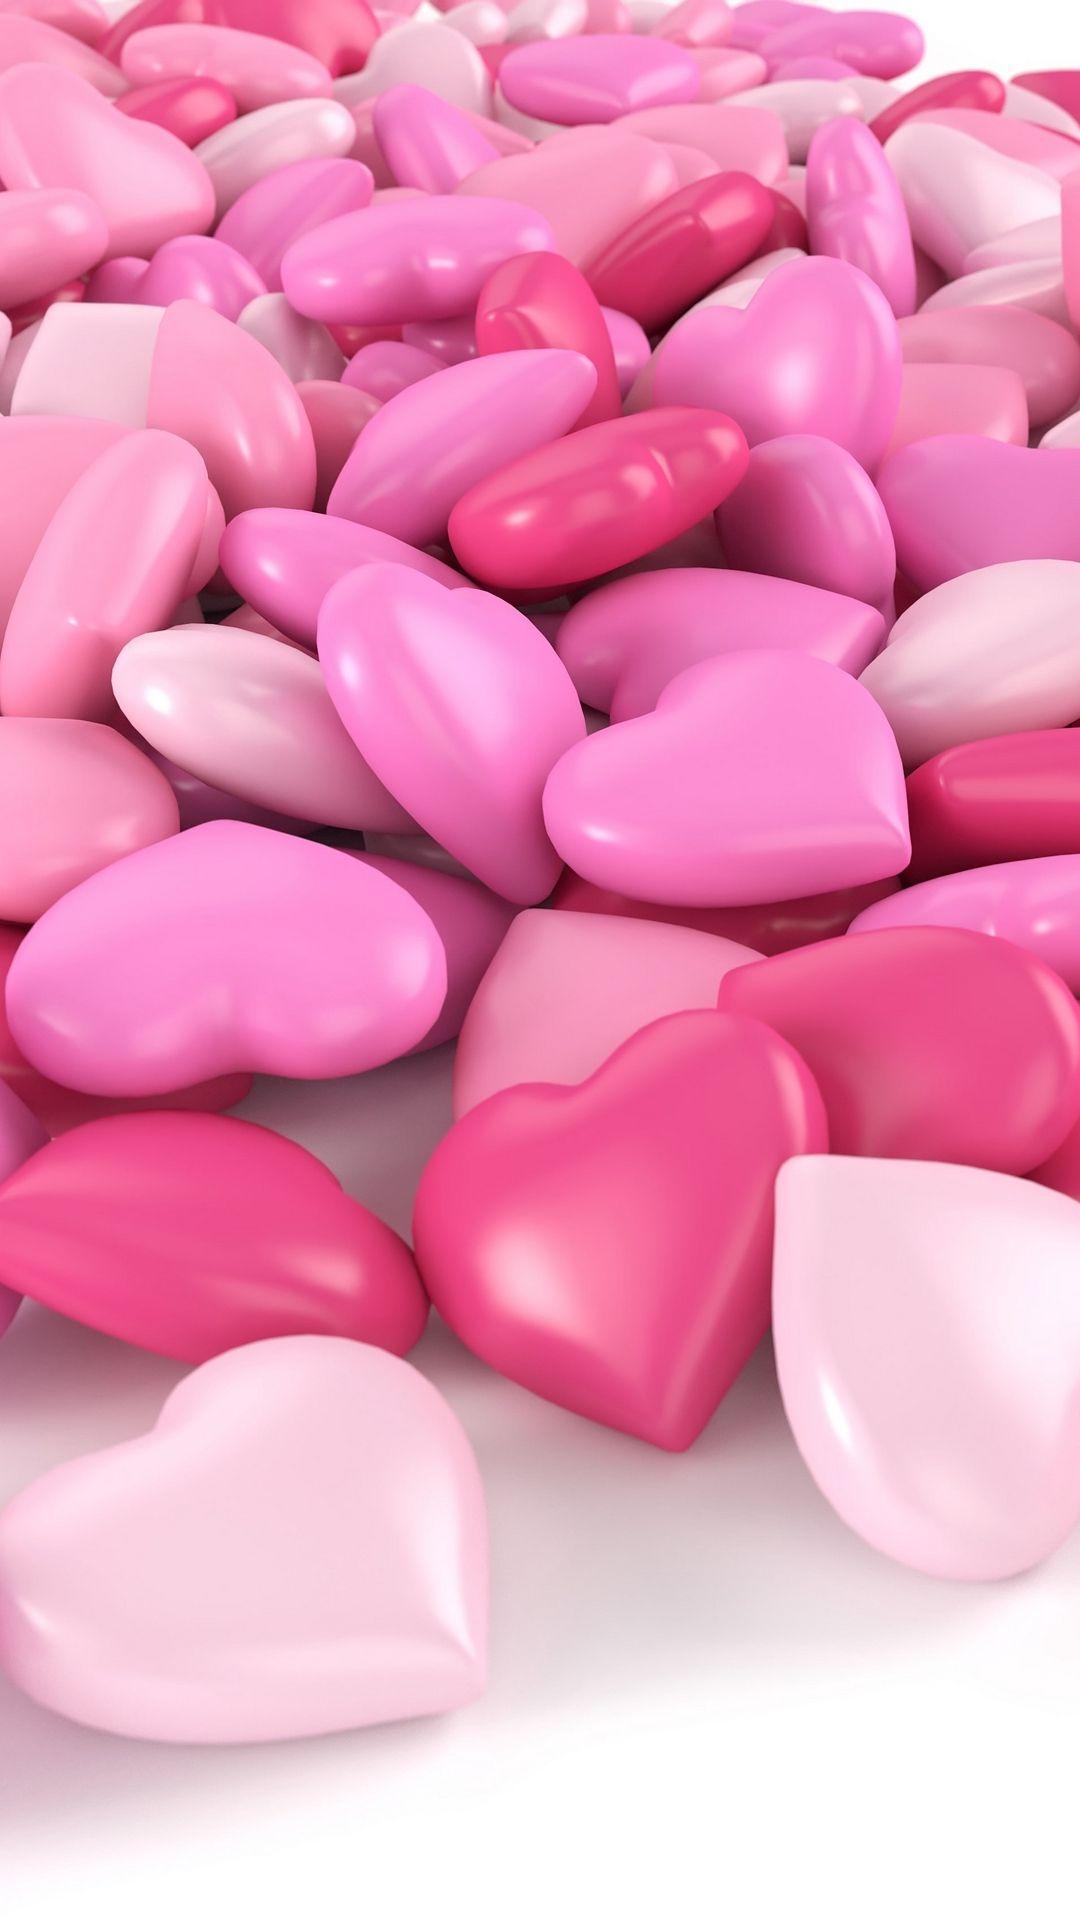 Pink Shape Heart 3d Wallpaper Lockscreen Mobile